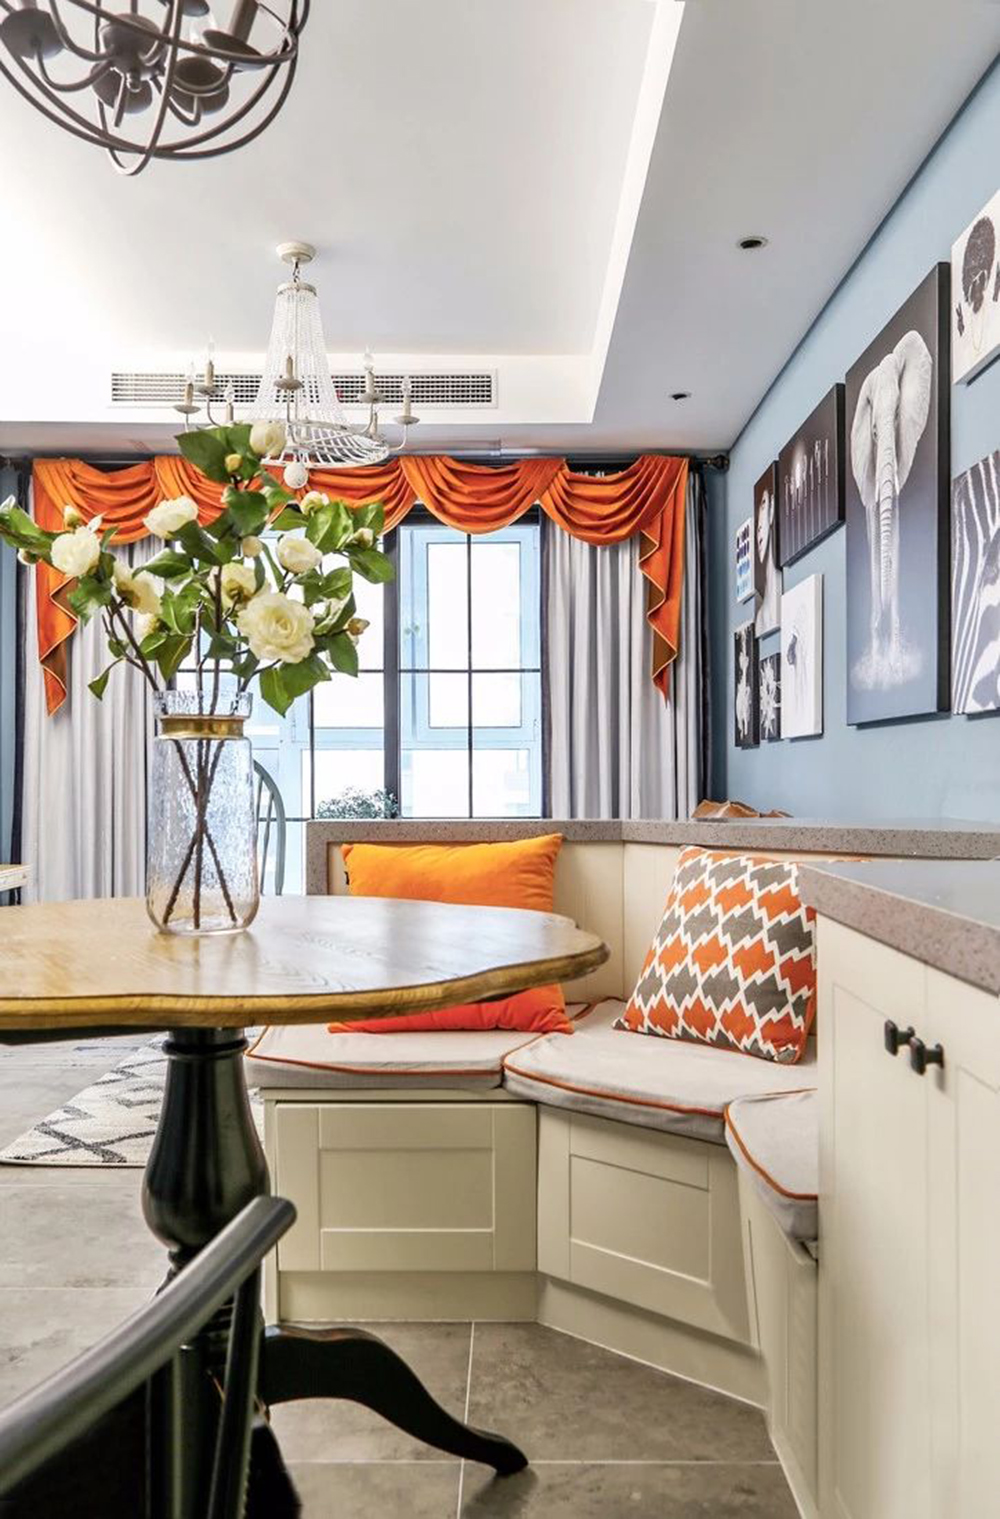 96㎡現代美式風家居,卡座設計巧妙隔斷客餐區。-3